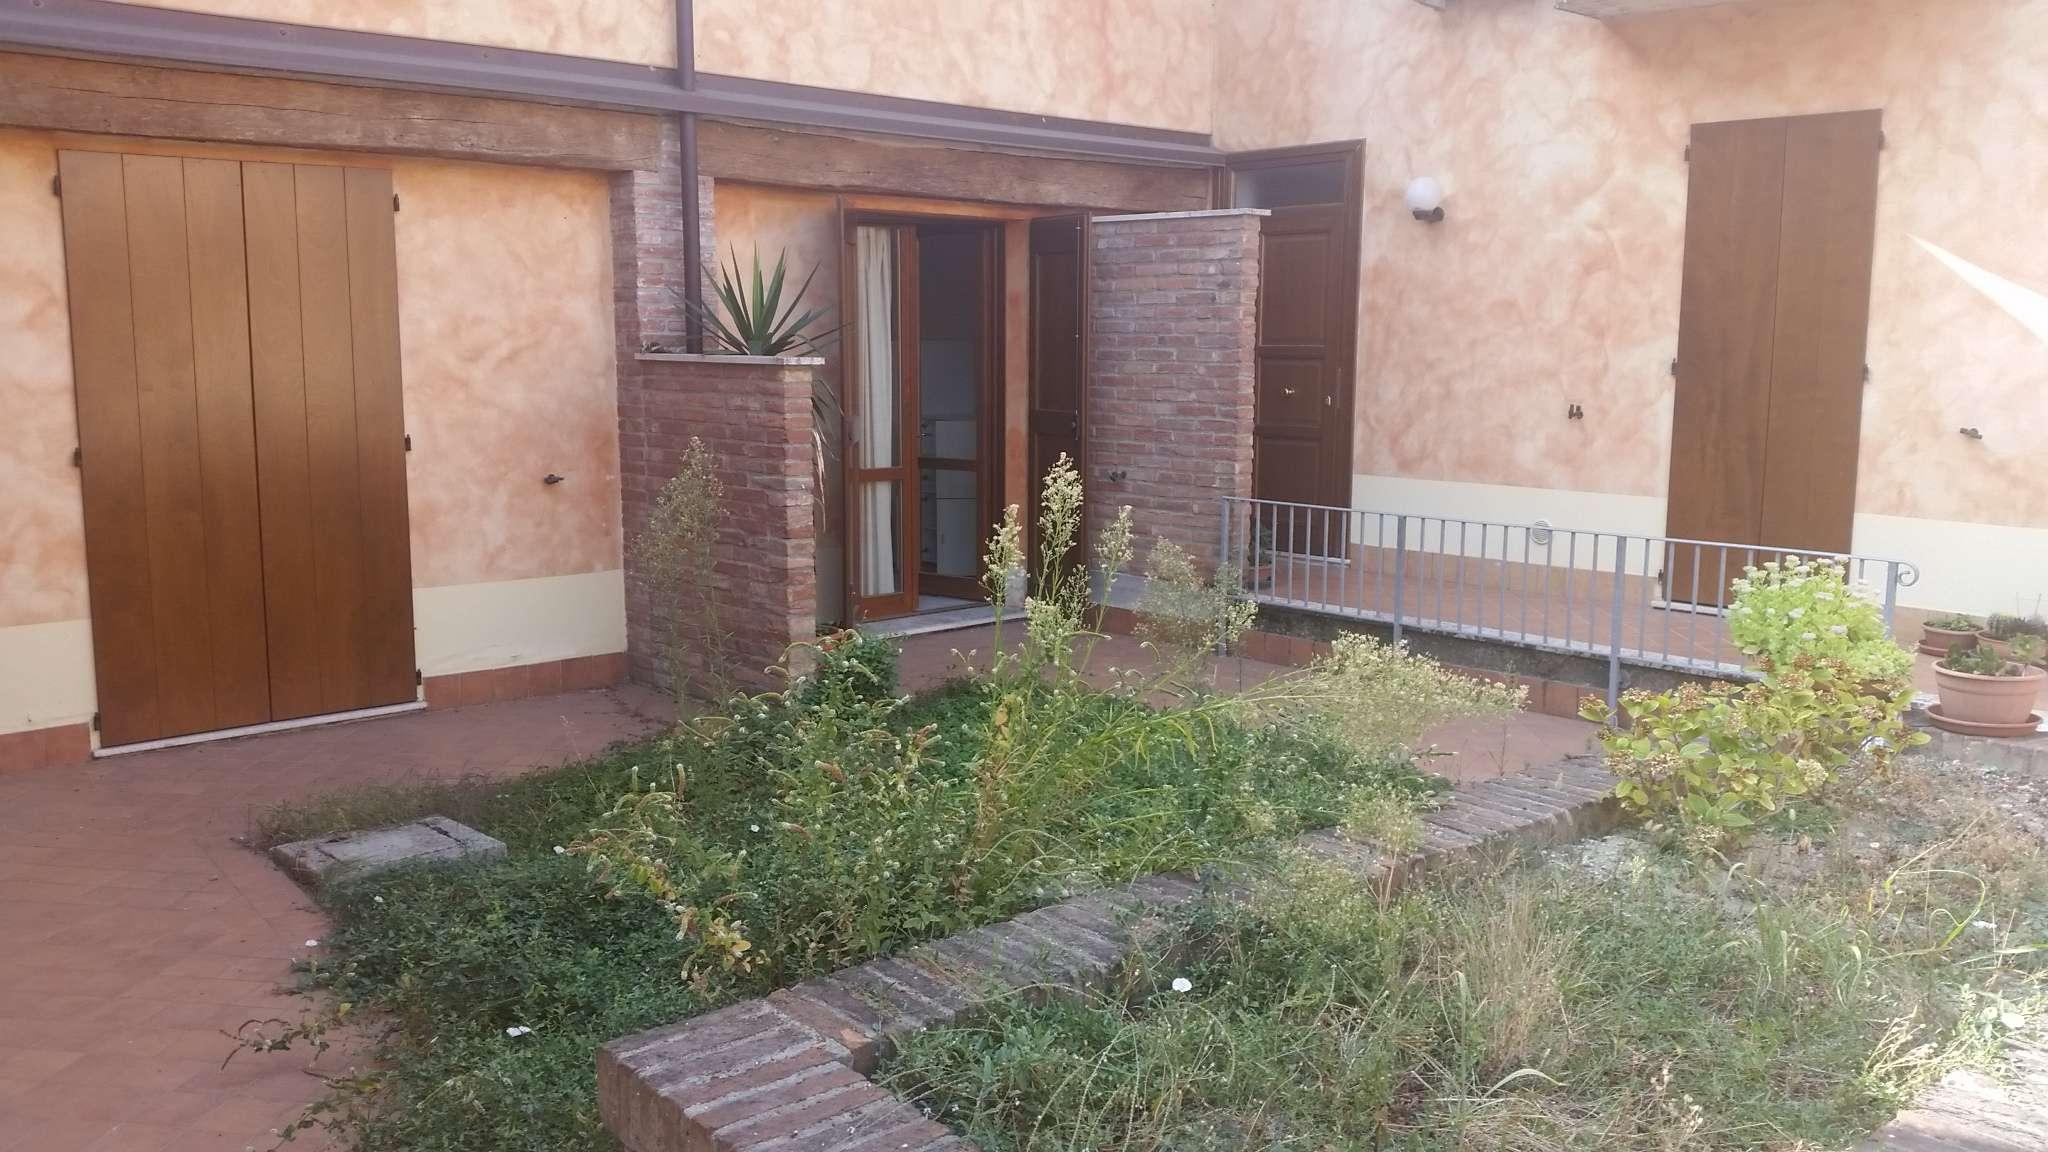 Appartamento in vendita a Casalmaggiore, 1 locali, prezzo € 30.500 | CambioCasa.it